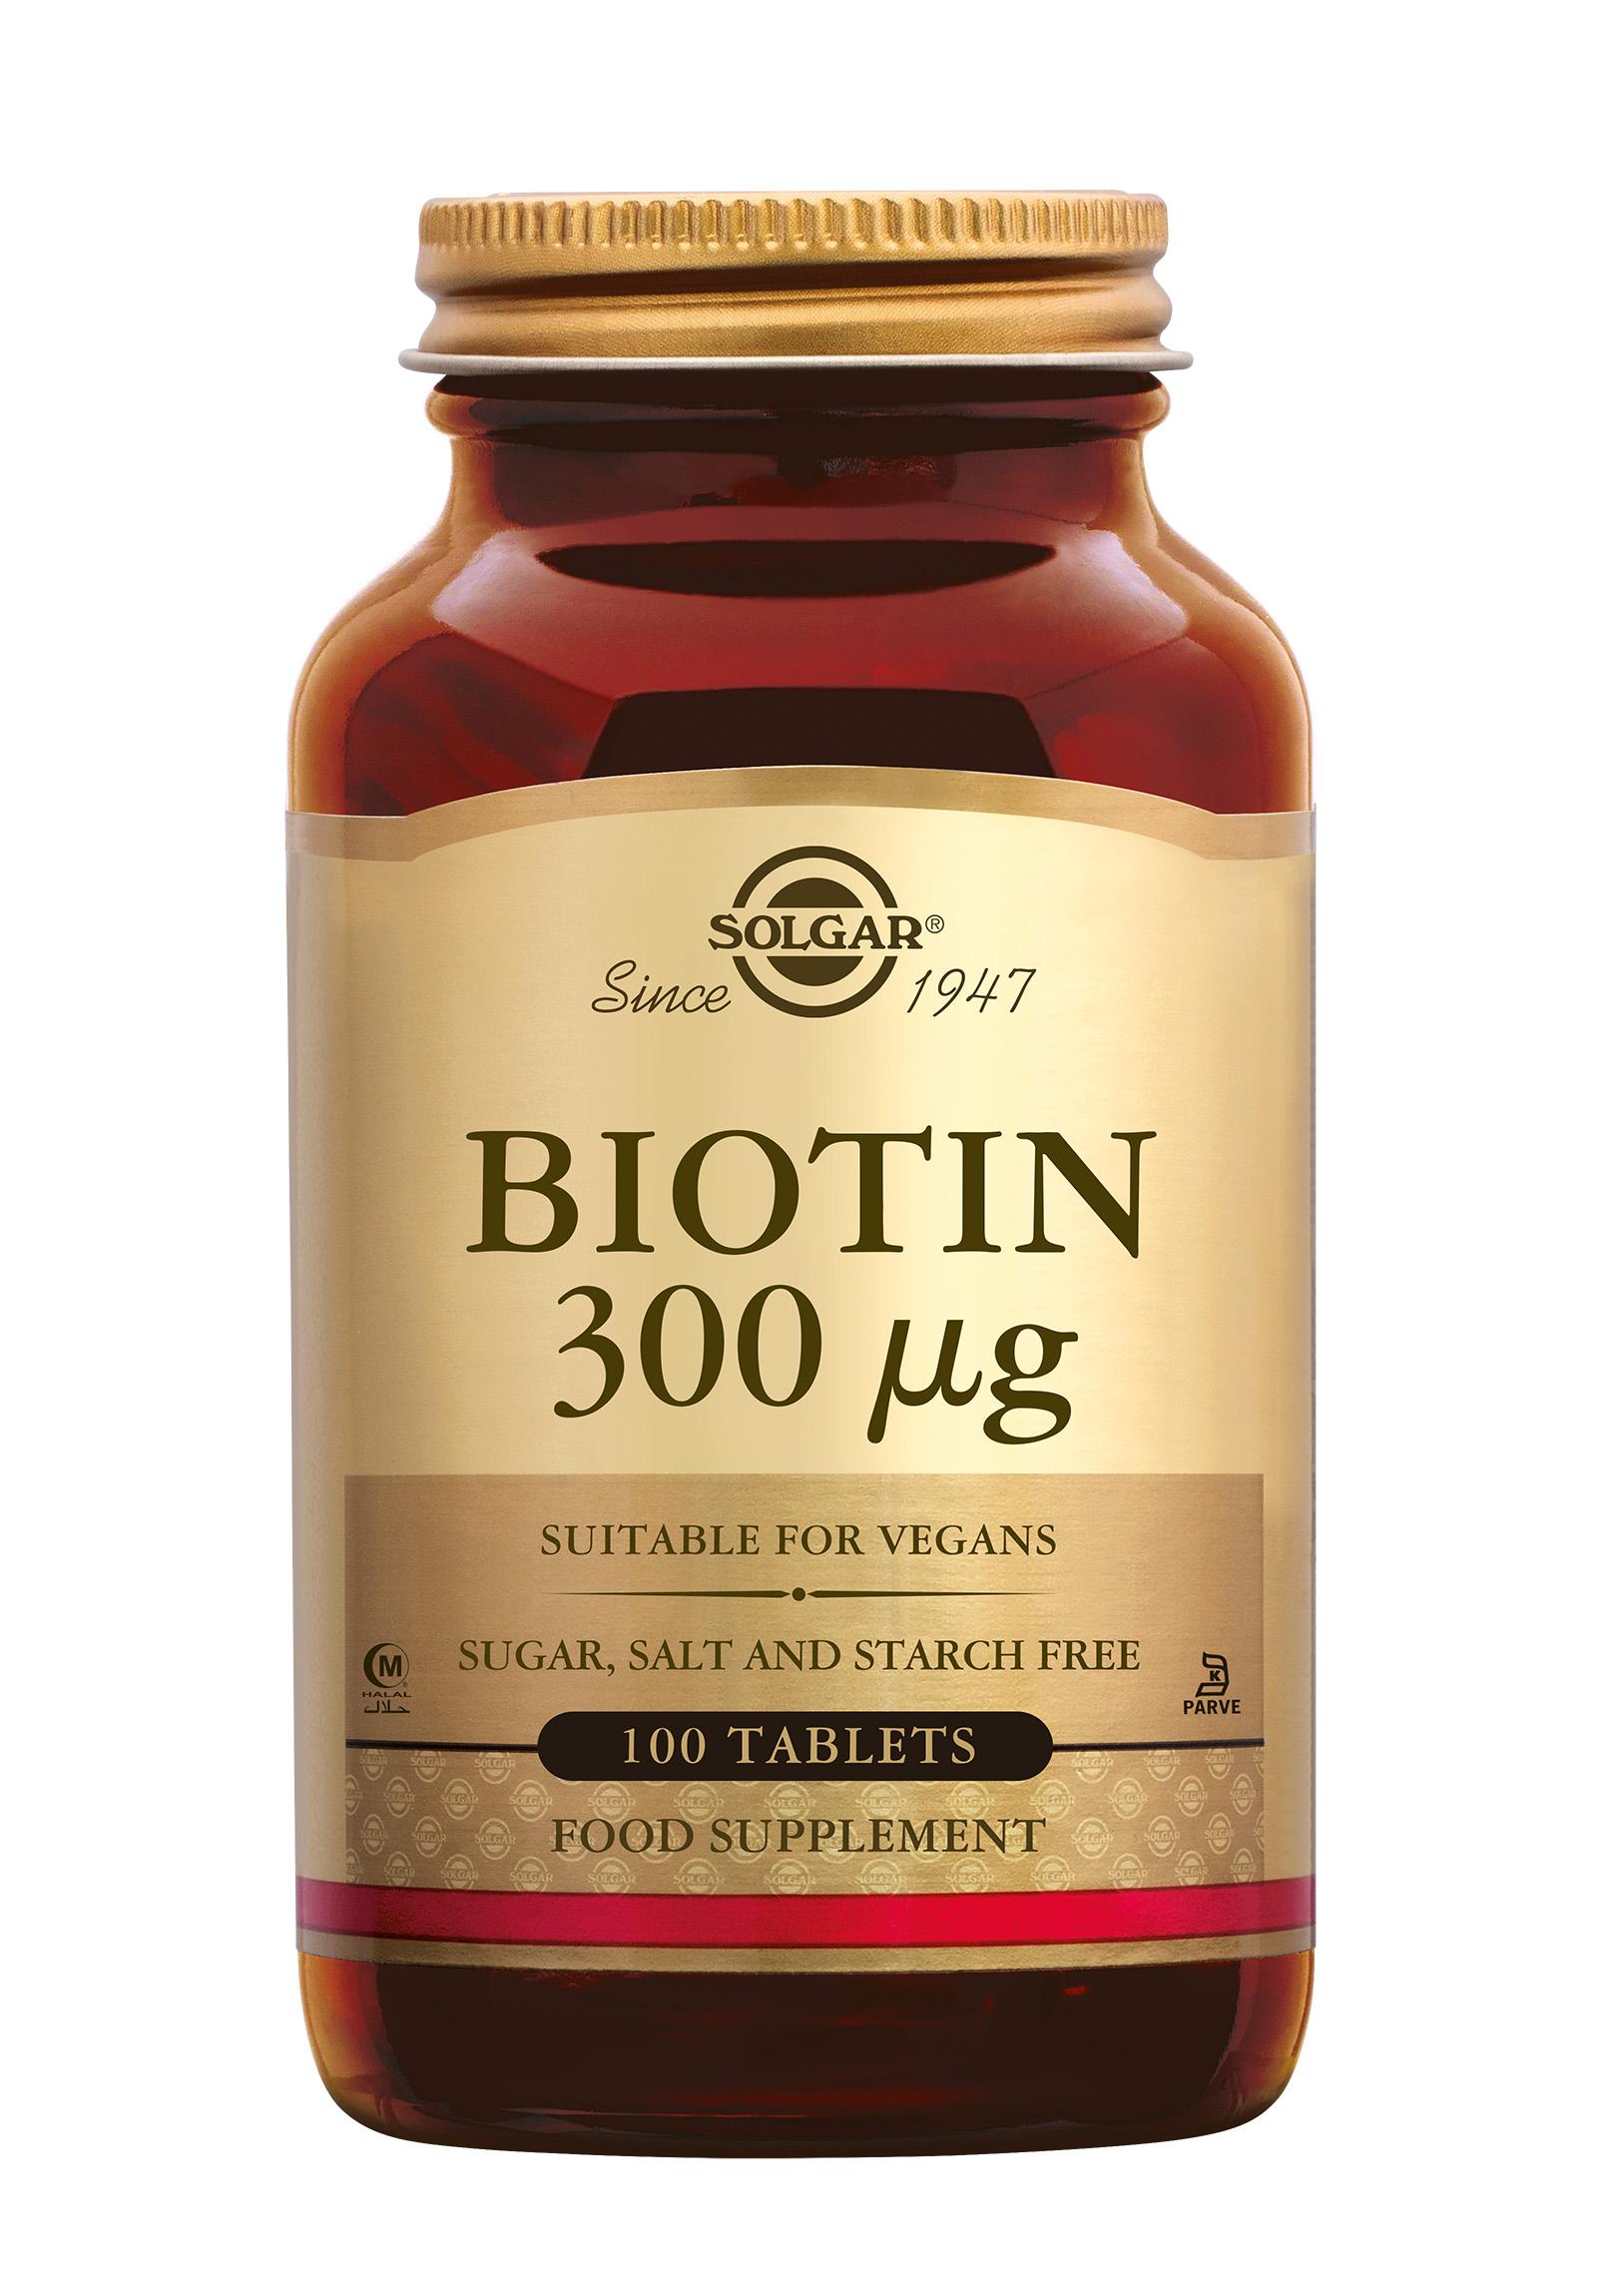 Biotin 300 µg, Solgar, Solgar Biotin 300 µg draagt bij aan de normale haargroei, houdt het haar sterk en draagt bij aan het behoud van een normale huid.